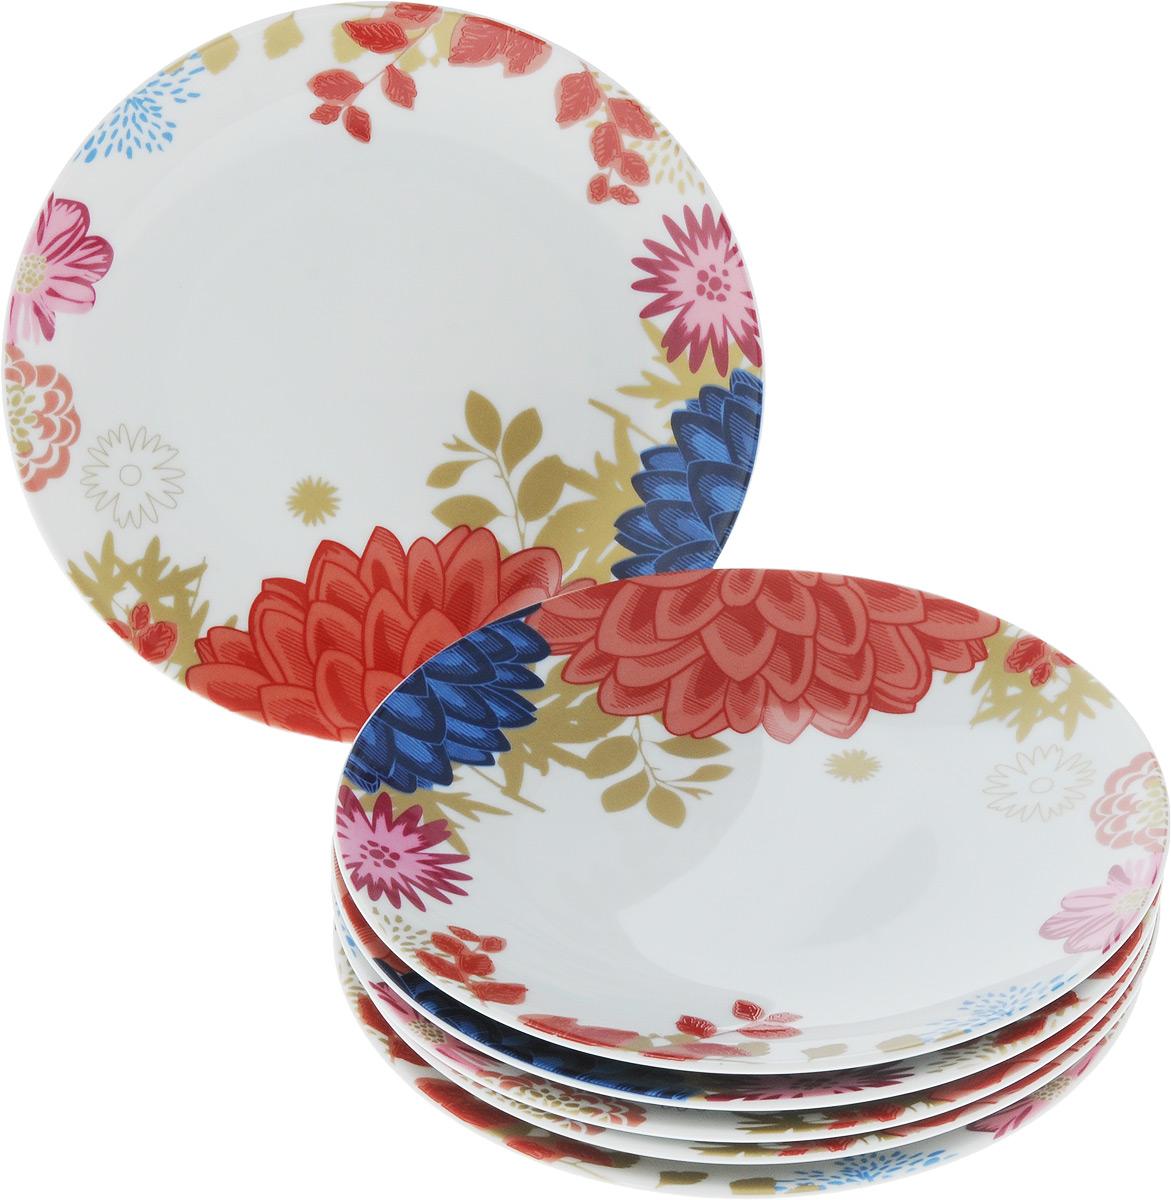 Набор тарелок La Rose des Sables Ilionor, диаметр 21 см, 6 штVT-1520(SR)Набор La Rose des Sables Ilionor состоит из 6 мелких тарелок. Посуда выполнена из высококачественного тунисского фарфора, изготовленного из уникальной белой глины.Особые свойства этой глины, открытые еще в 18 веке, позволяют создать удивительно тонкую, легкую и при этом прочную посуду. Благодаря двойному термическому обжигу фарфор обладает высокой ударопрочностью, стойкостью к сколам и трещинам, жаропрочностью и великолепным блеском глазури.Коллекция Ilionor - это яркий пример посуды в современном стиле, дополненной разноцветной эмалью. Прекрасный вариант как для праздничной, так и для повседневной сервировки стола. Рекомендуется использовать в СВЧ печи и мыть в посудомоечной машине.Диаметр тарелки: 21 см. Высота тарелки: 2,5 см.